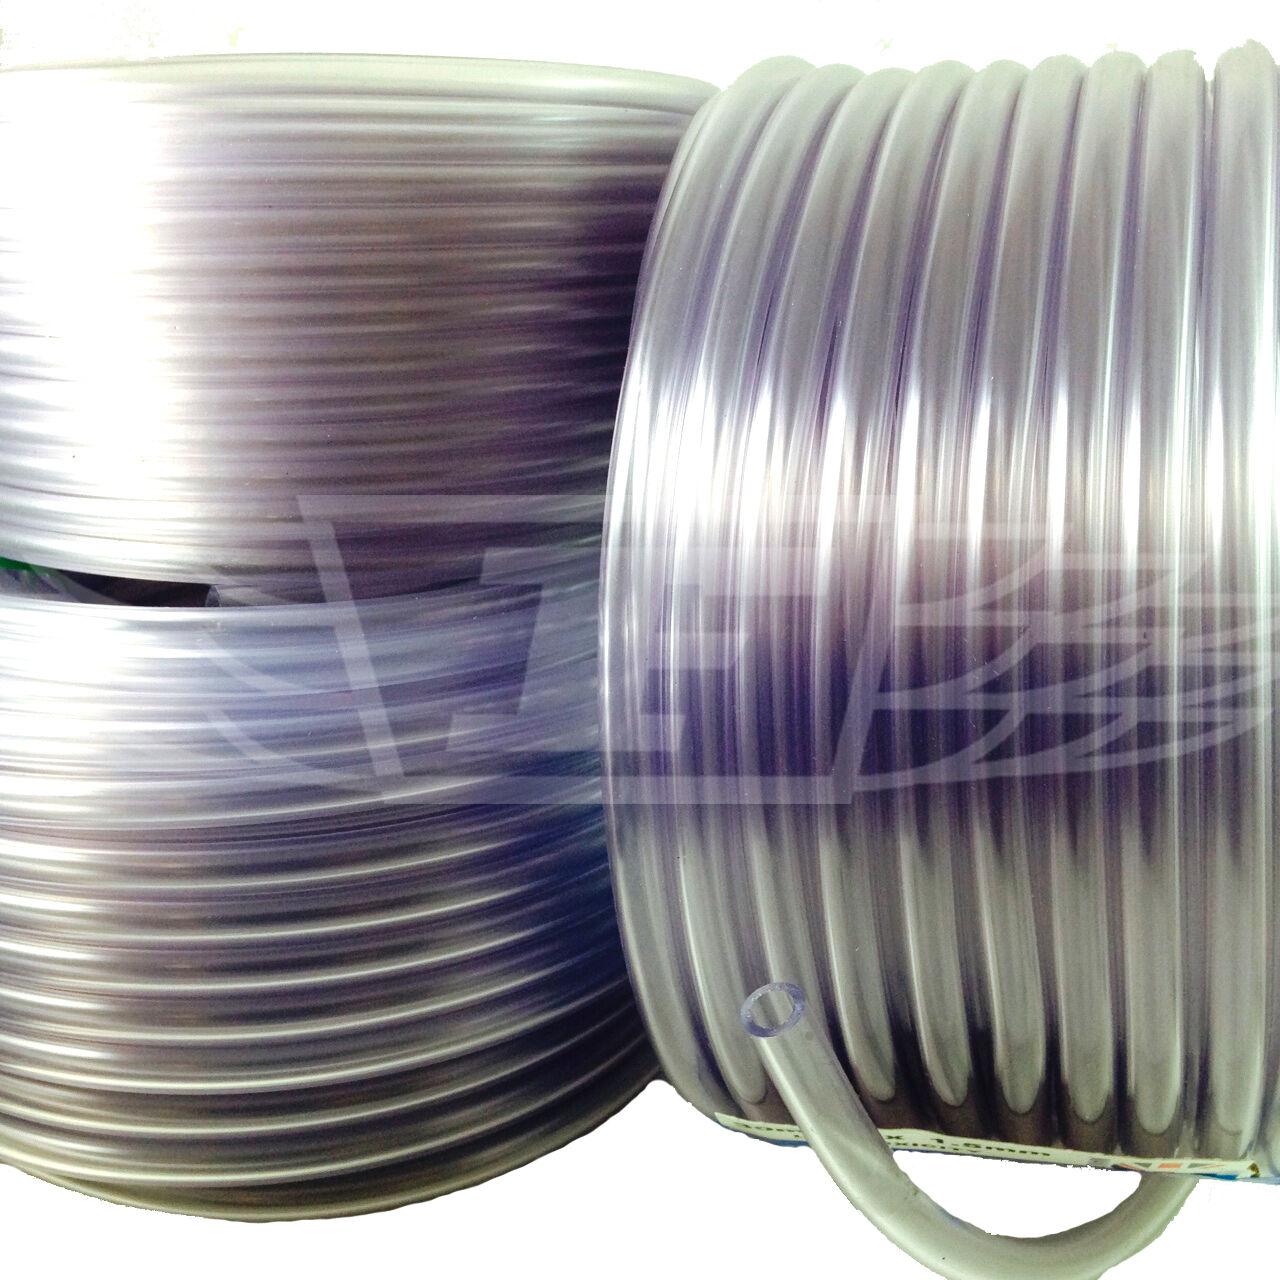 16.0 mm (5 8  ) Clear PVC TUBING Plastica Flessibile Acqua Tubo SCHERMO TUBO alimentare